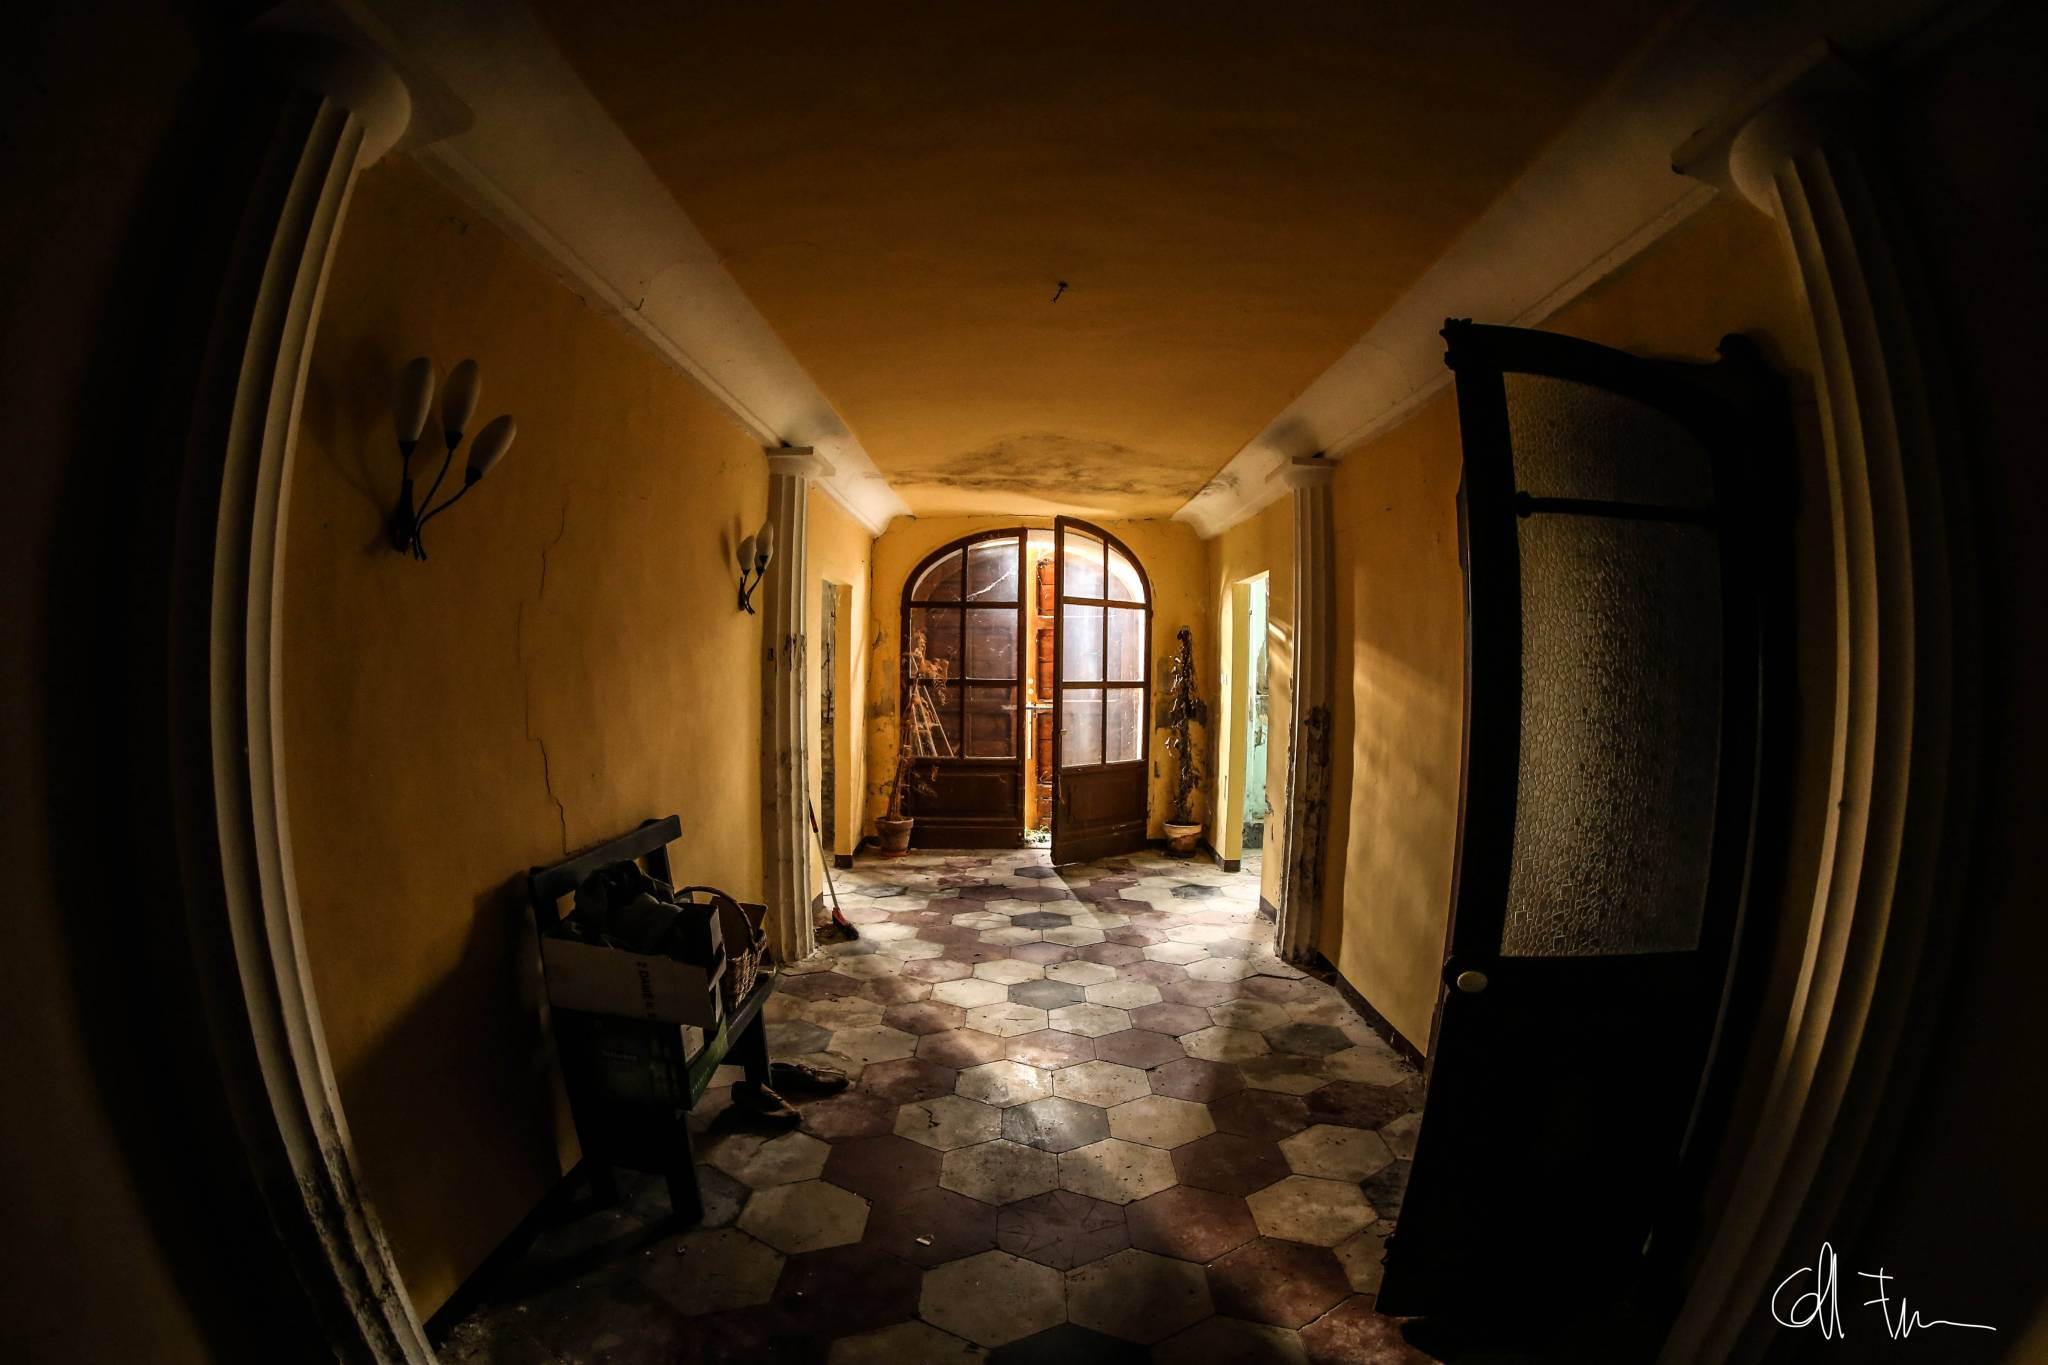 Fanum fortunae ascosi lasciti for Invertire piani di una casa di una storia e mezzo